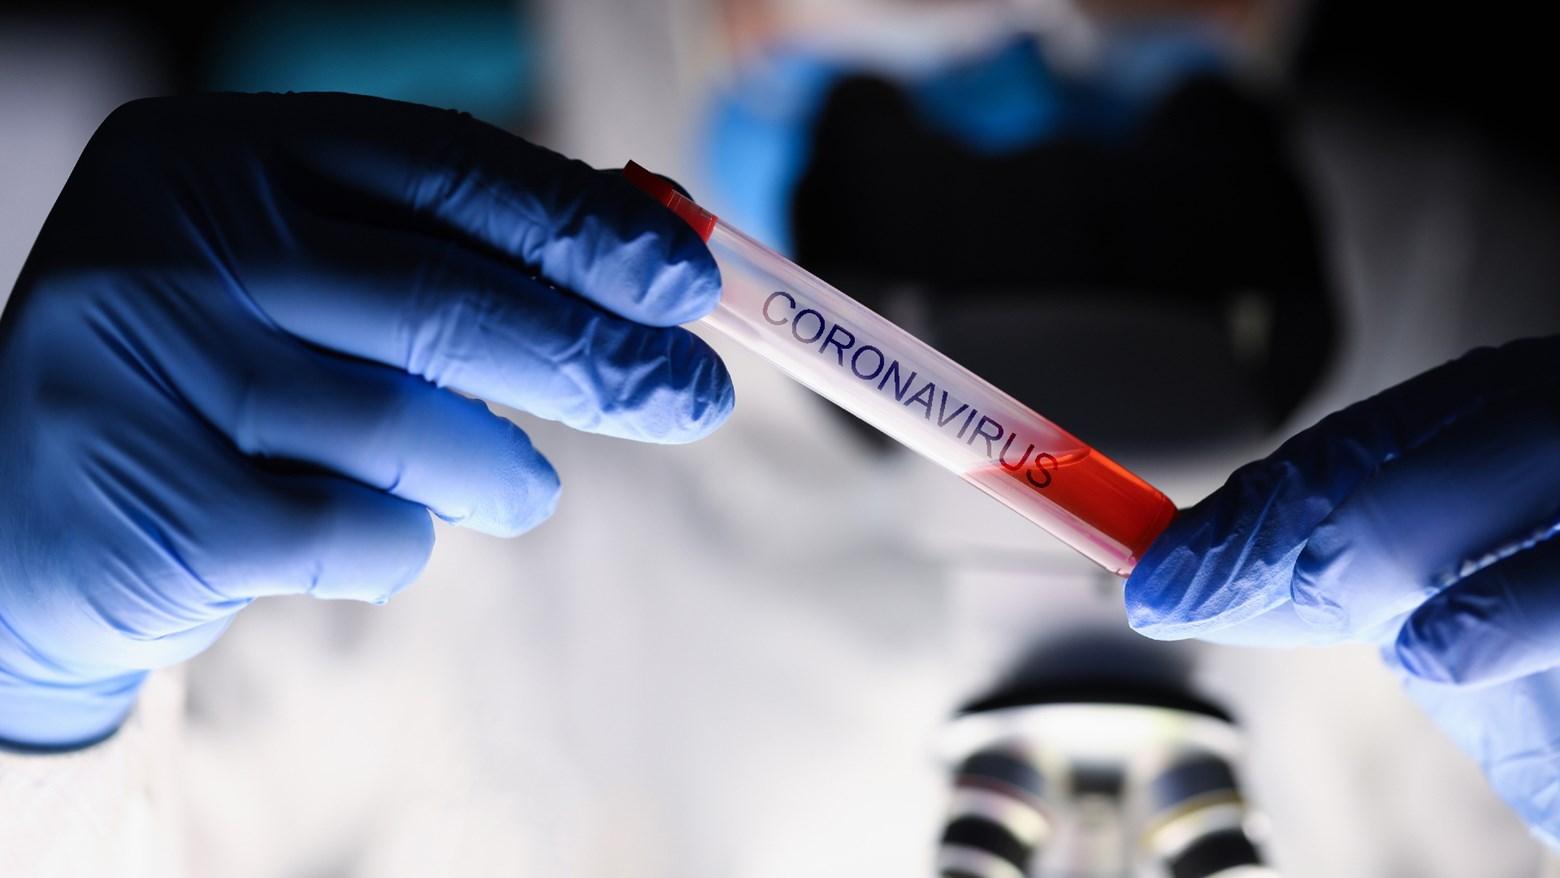 Bolovanje liječnika zbog kontakta s pacijentom inficiranim korona virusom -  Hrvatska liječnička komora